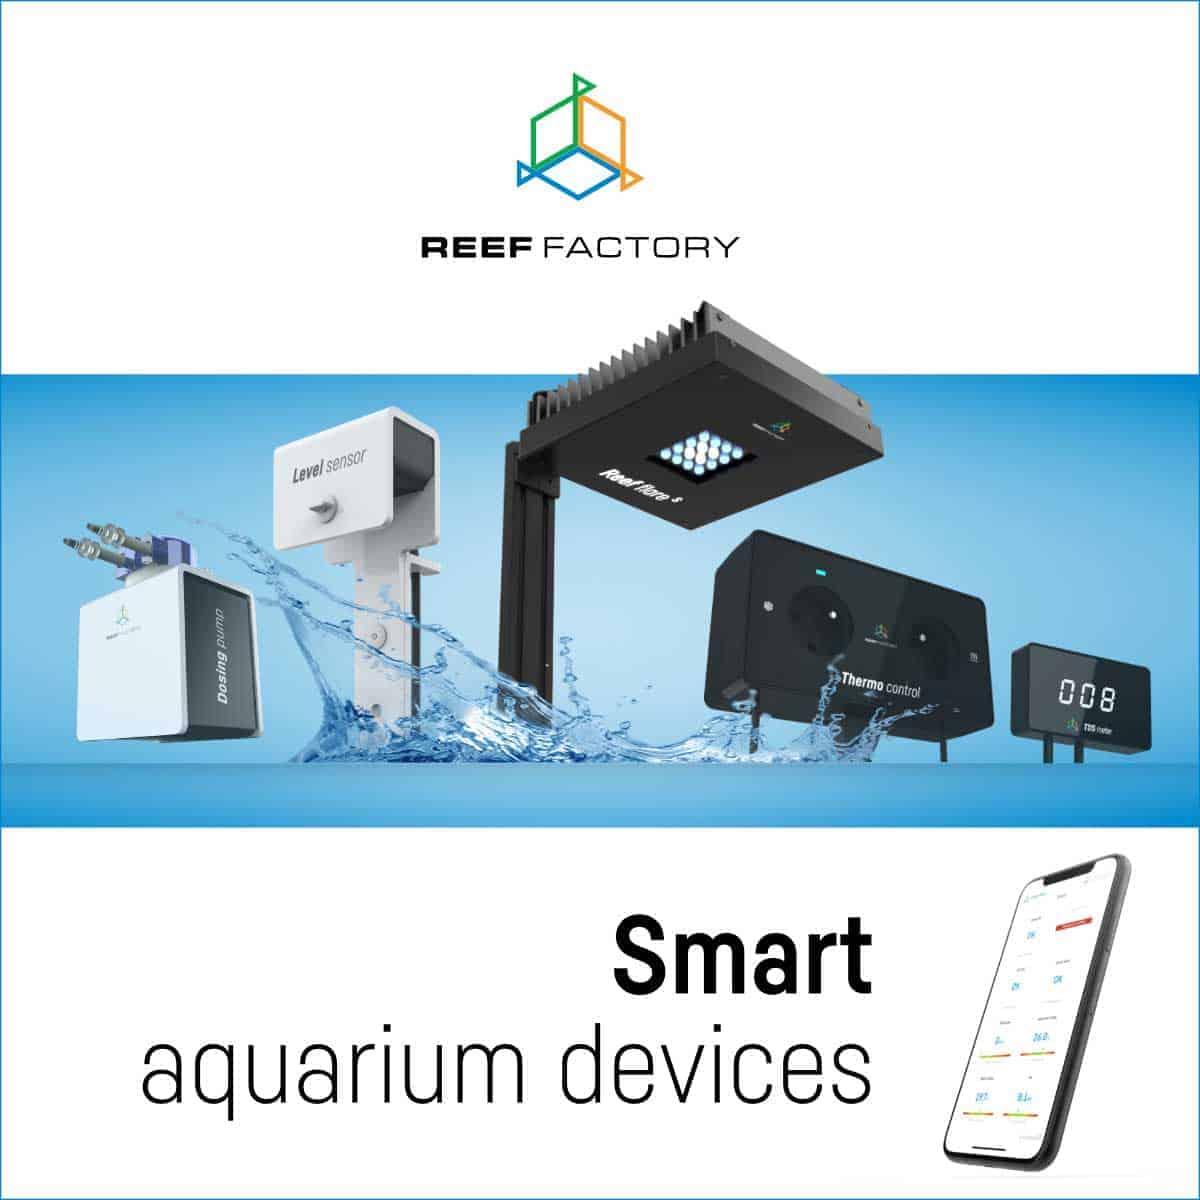 Reef Factory - Smart aquarium devices